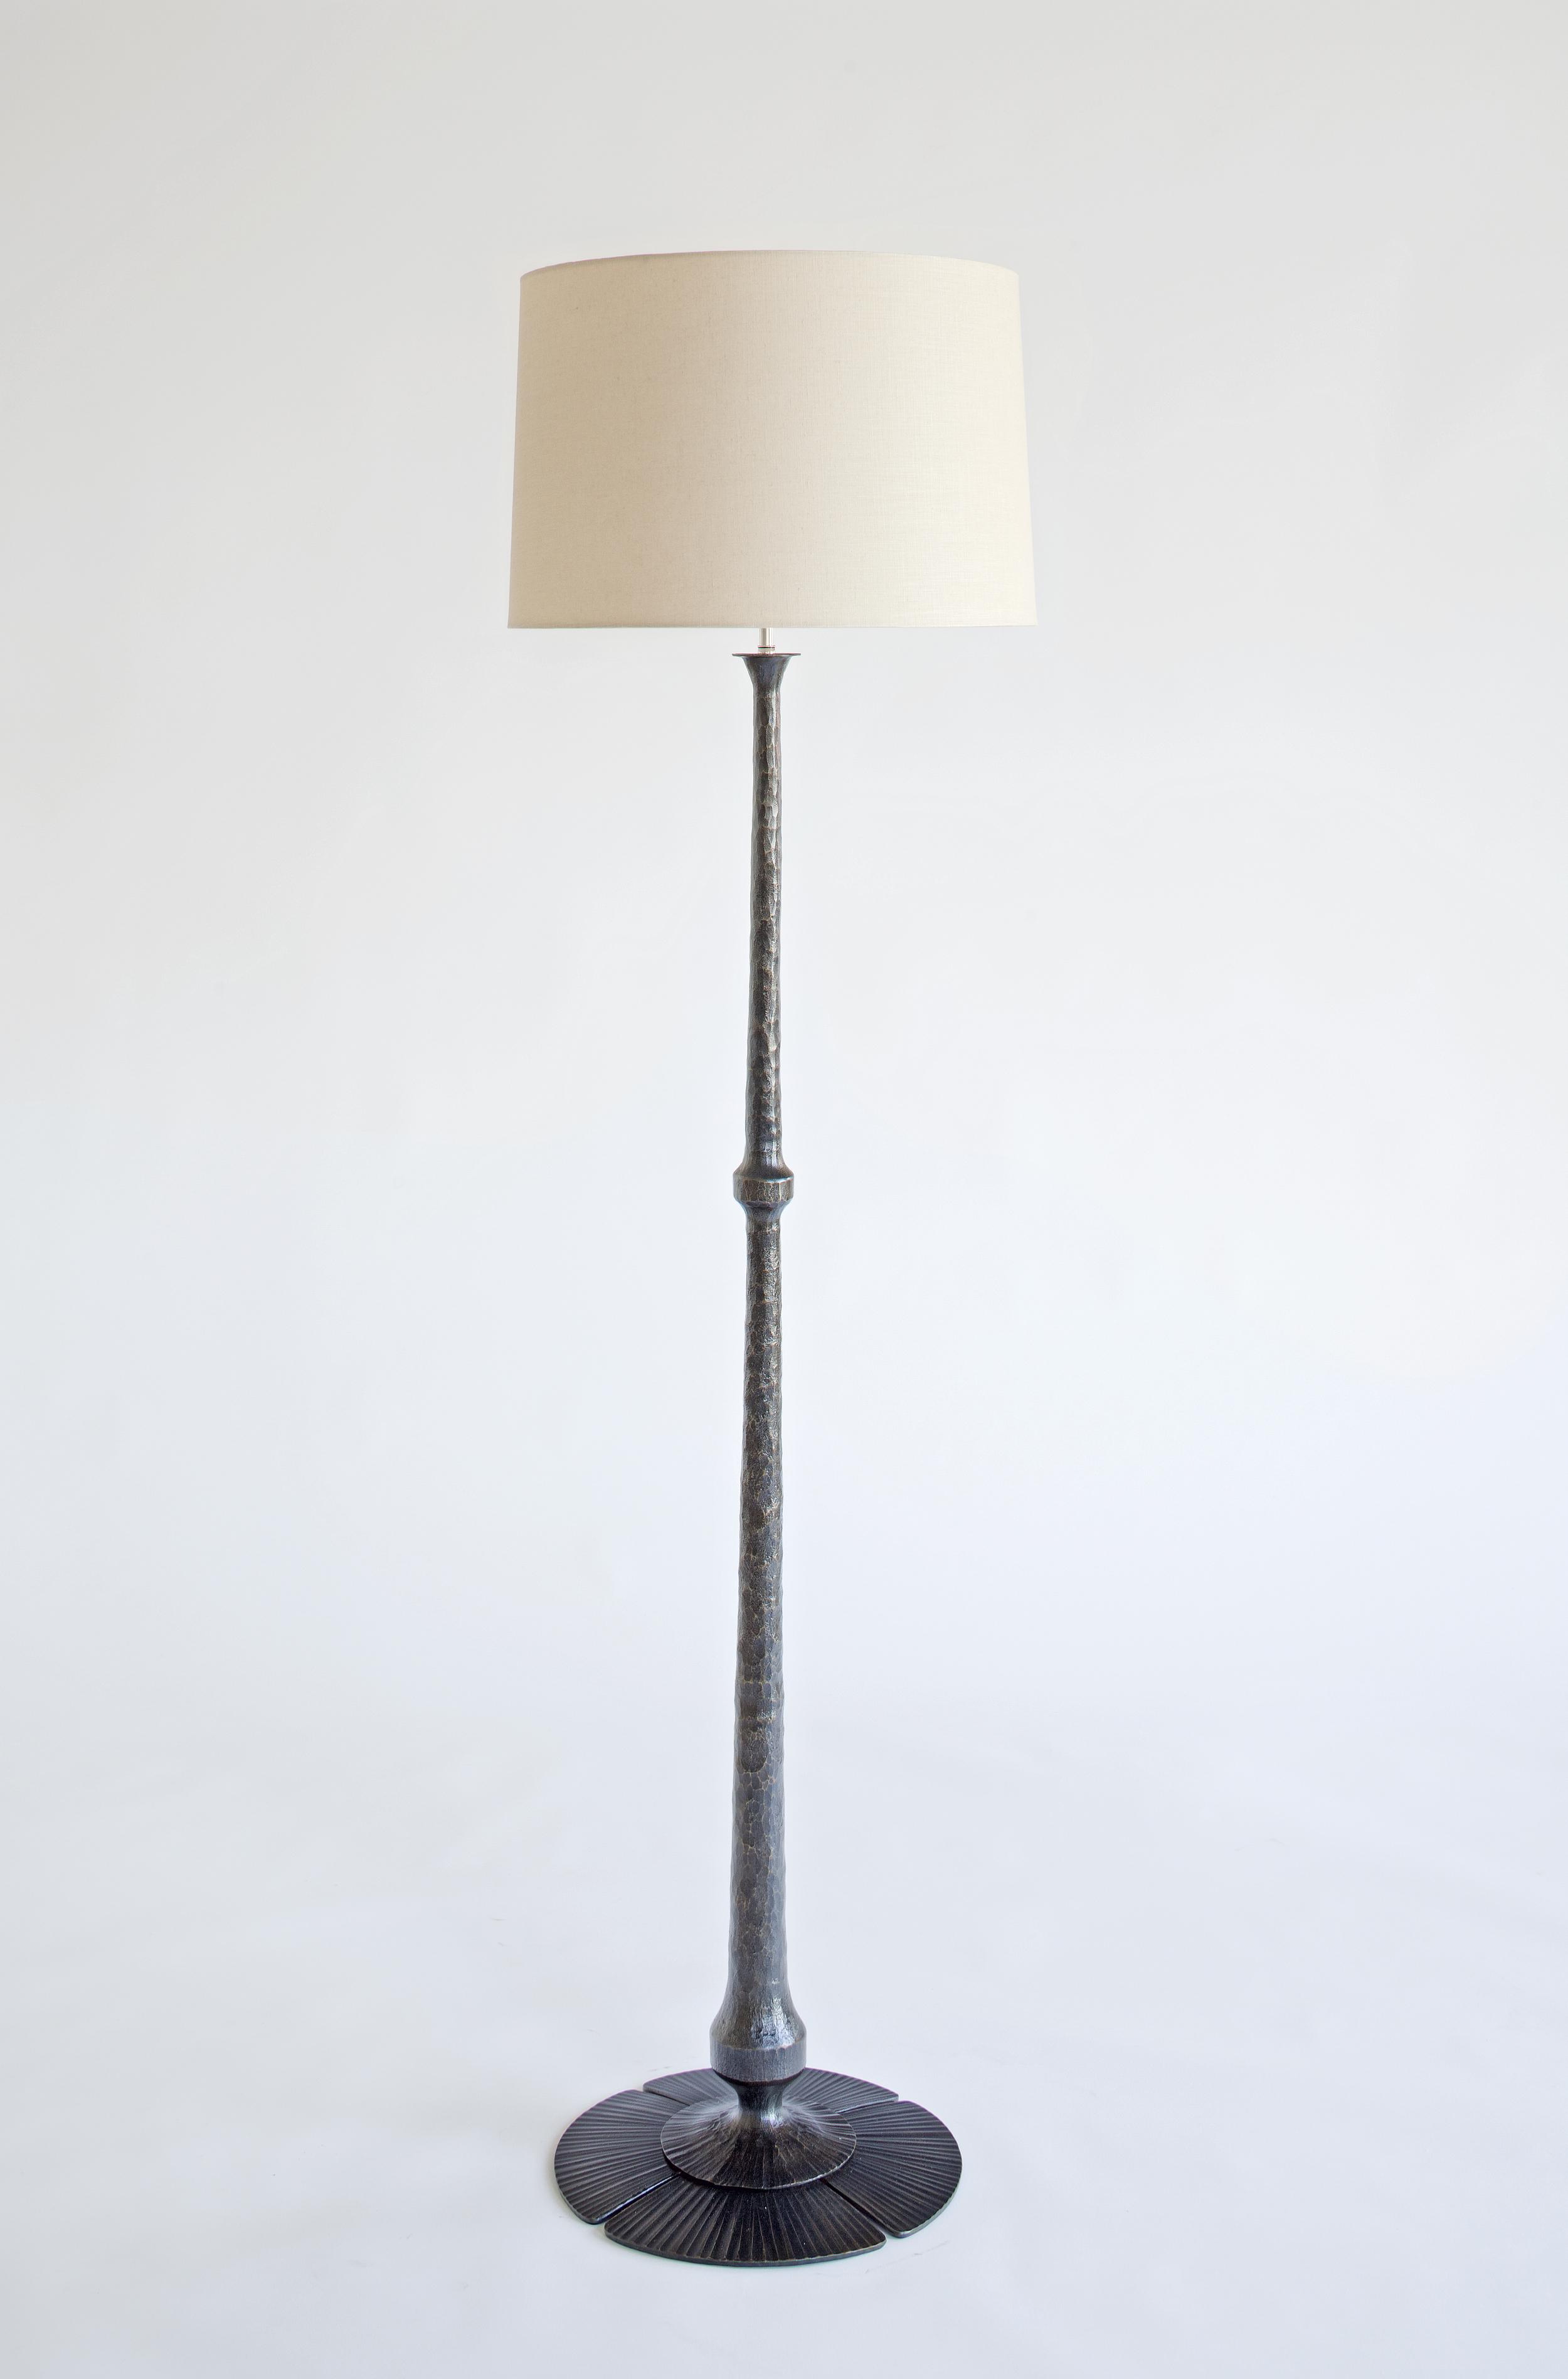 Stampa Floor Lamp in steel